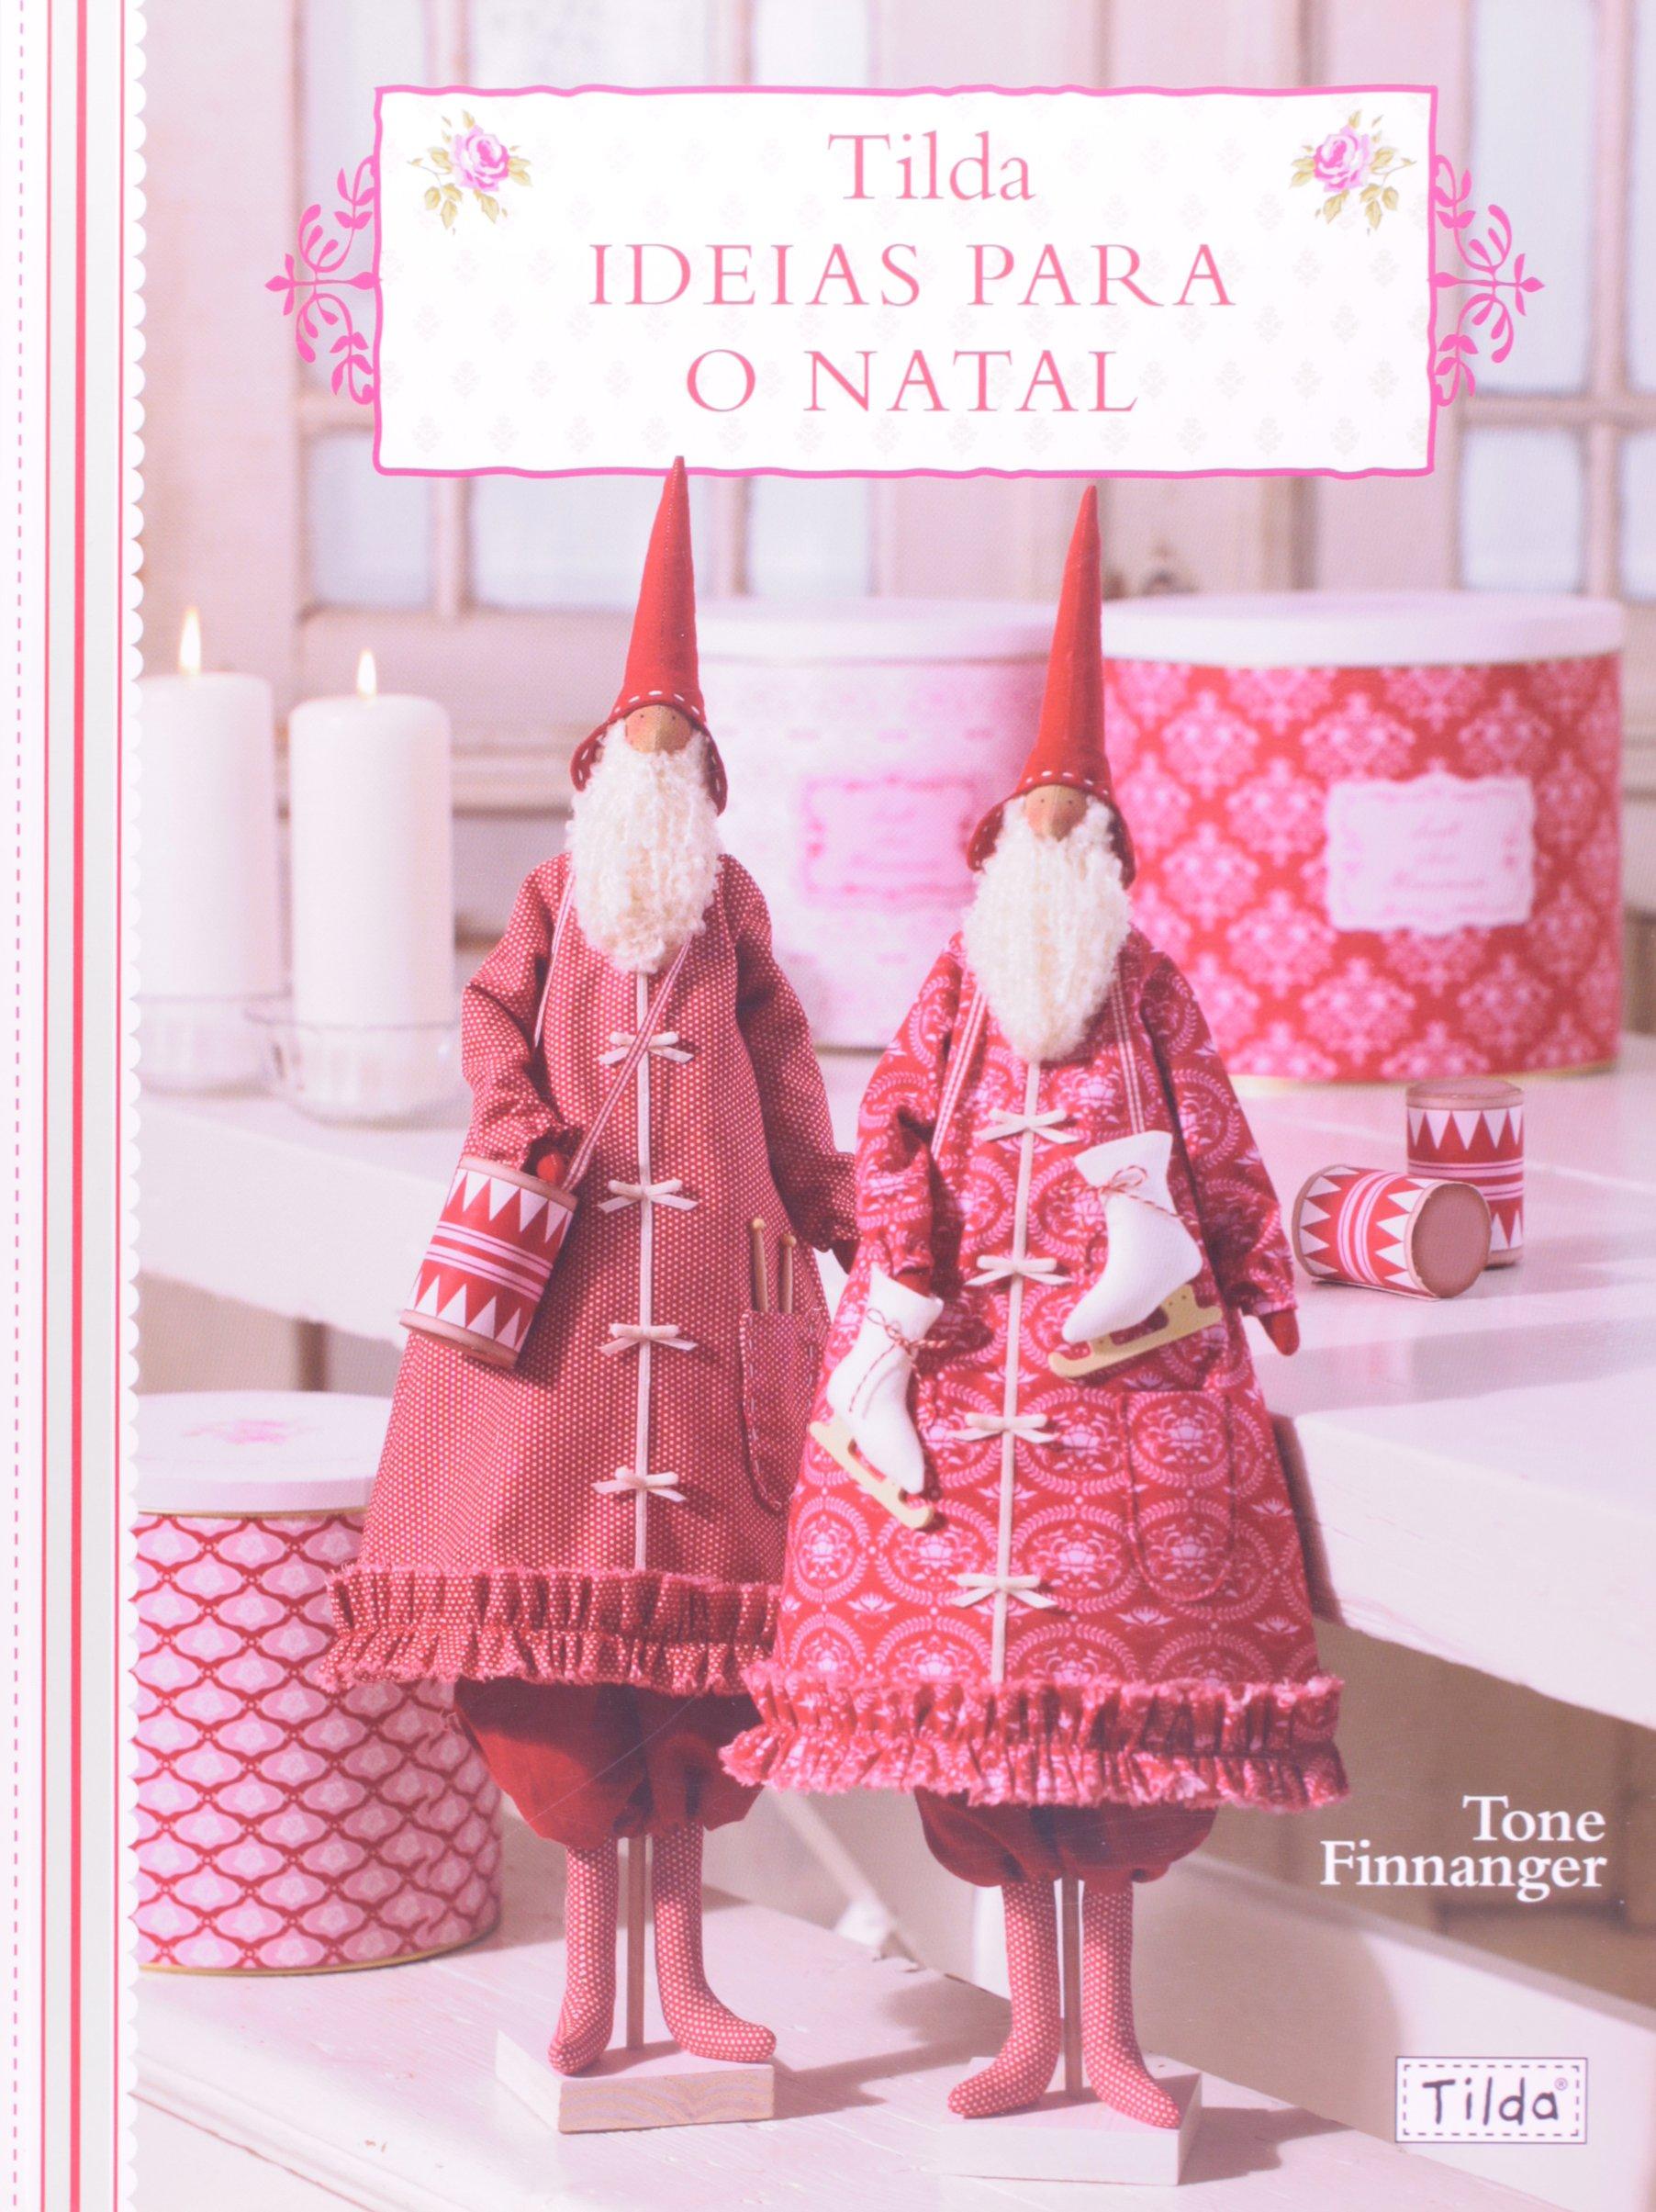 Tilda. Ideias Para o Natal (Em Portuguese do Brasil): Tone Finnanger: 9788561749392: Amazon.com: Books